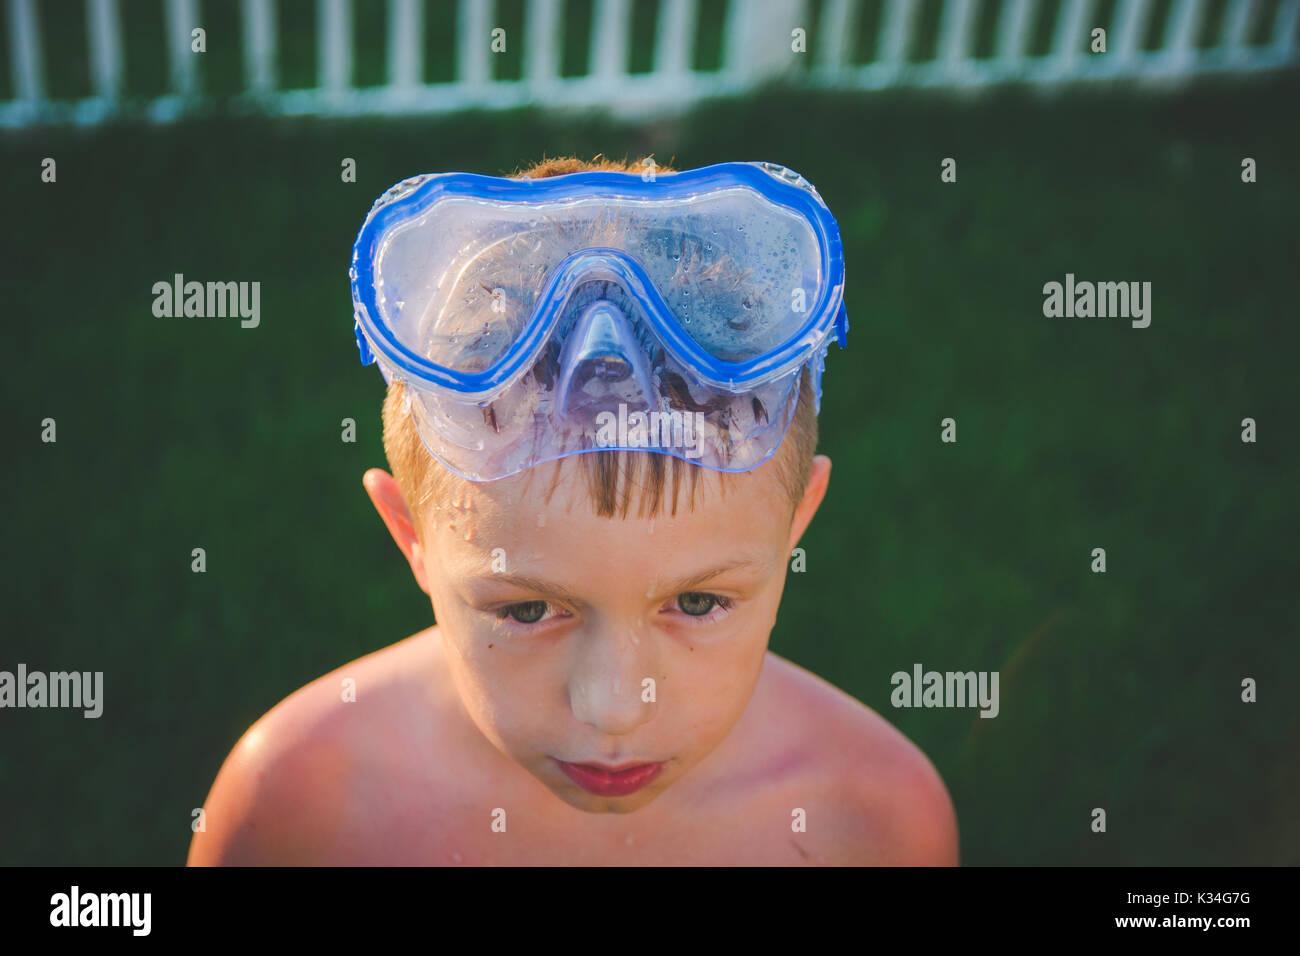 Un garçon porte un masque de plongée sur la tête pendant l'été alors que le soleil brille sur lui. Photo Stock